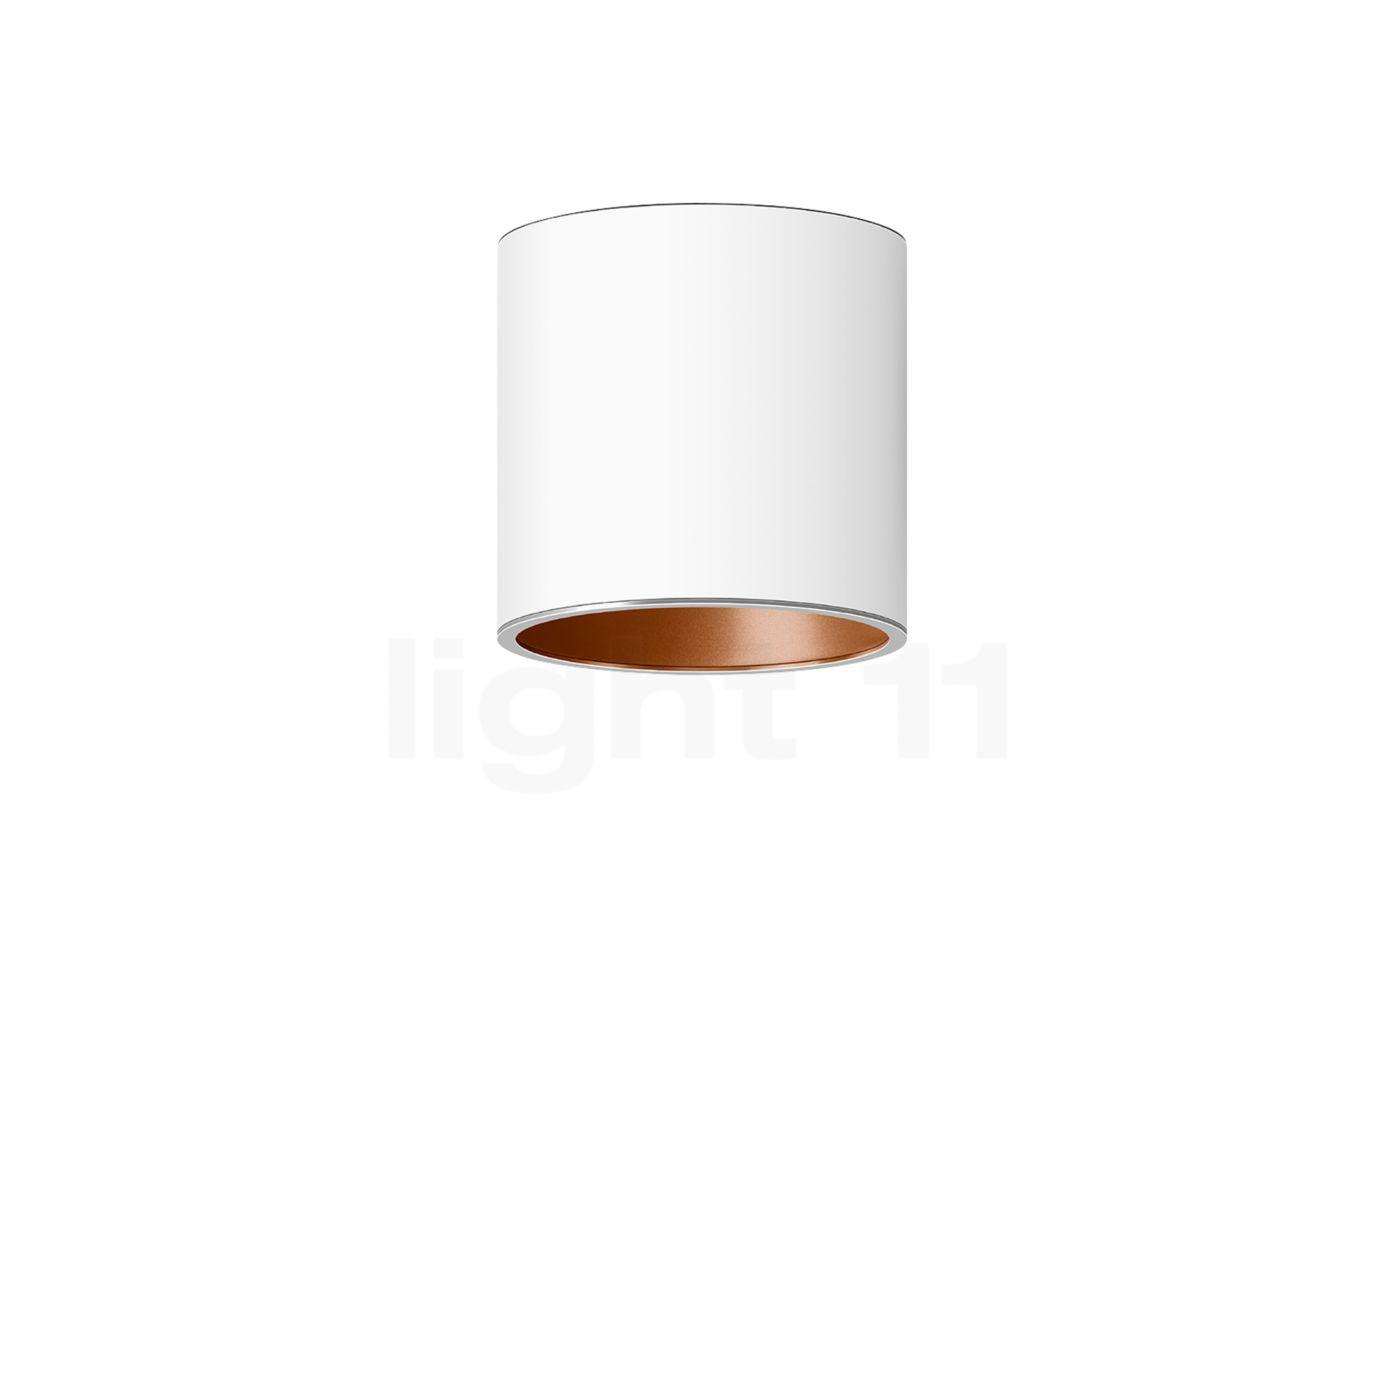 Bega Studio Line Deckenleuchte Tiefstrahler LED rund, weiß/Kupfer matt, 9,6 W 50677.6K3